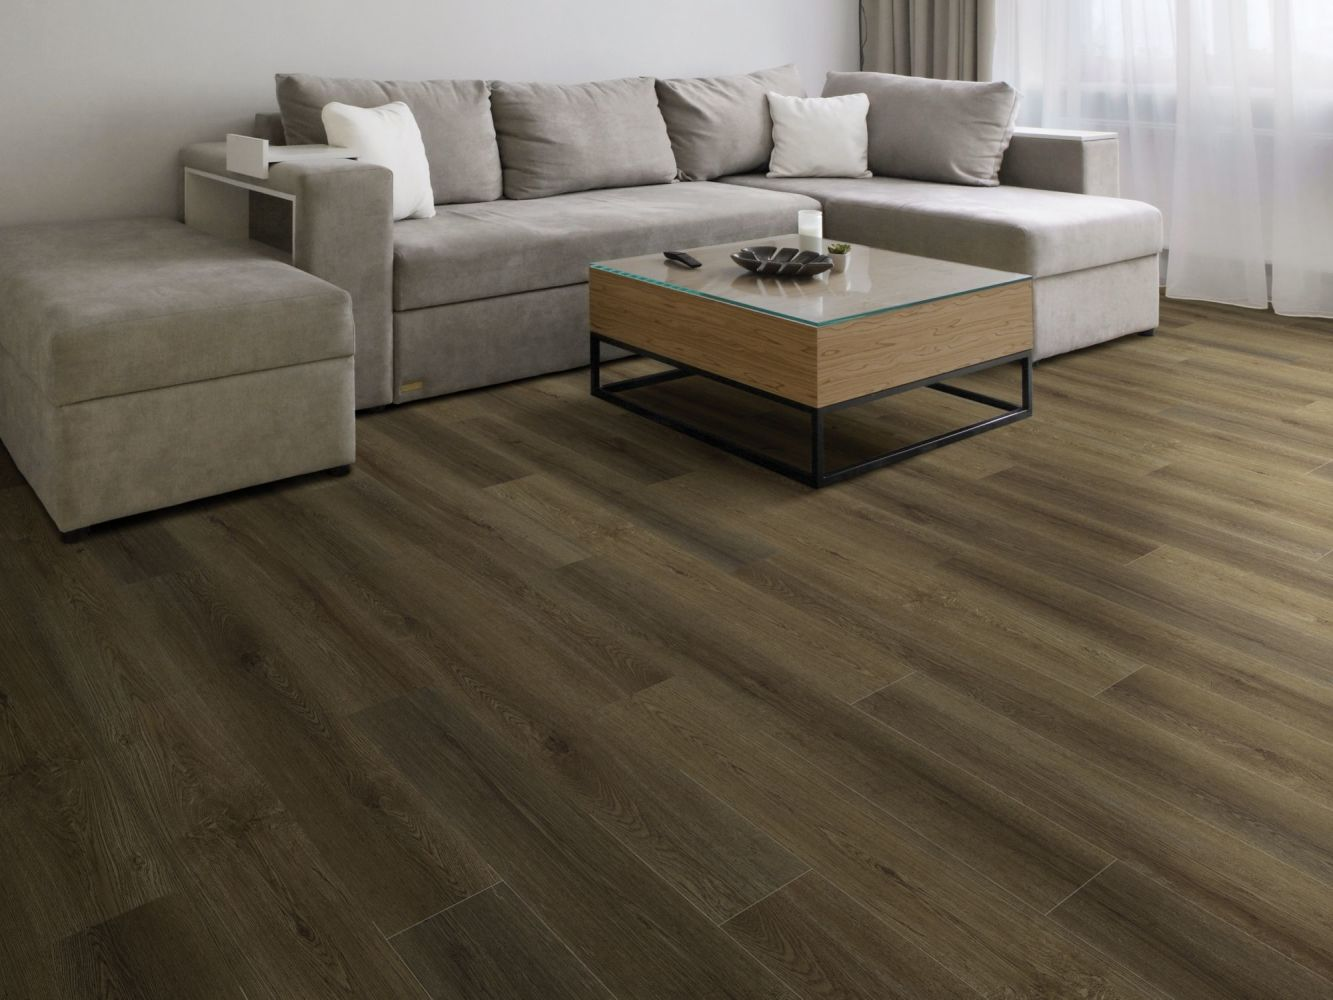 Shaw Floors Resilient Residential Wanderer Satchel 07101_3053V